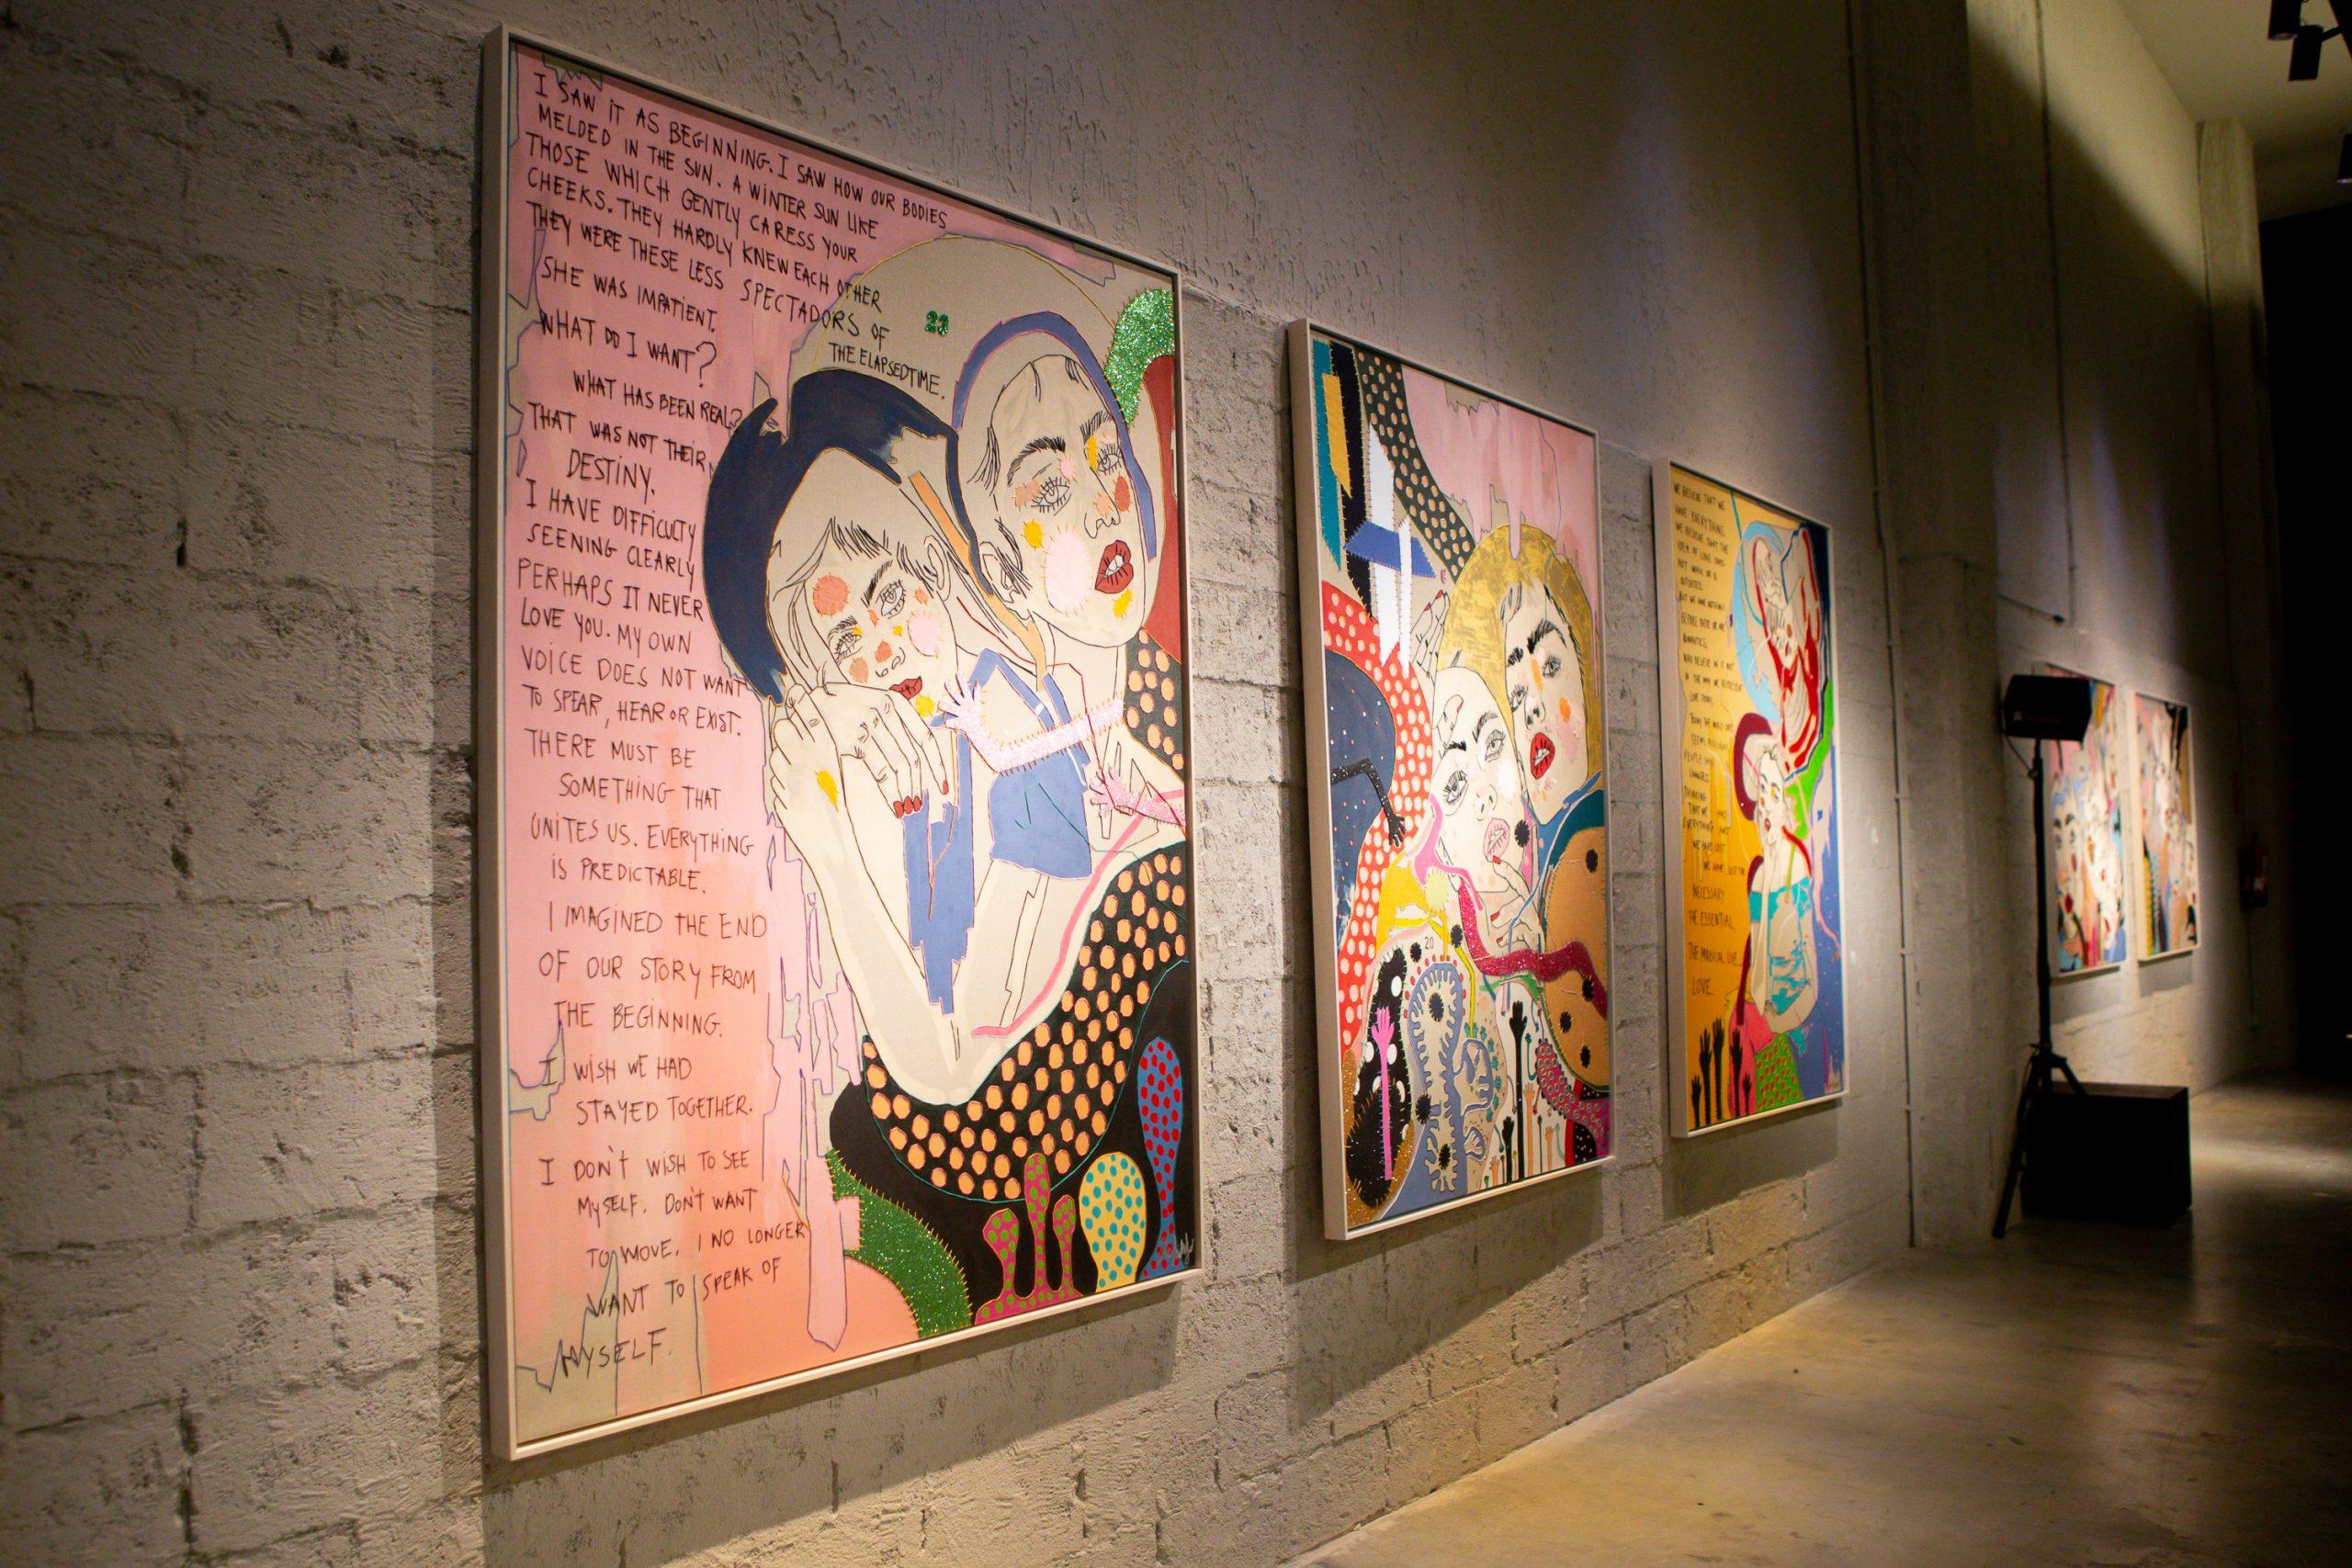 ElaFidalgo Photo by:Tatiana Chausovsky courtesy of Gerhardt Braun Gallery